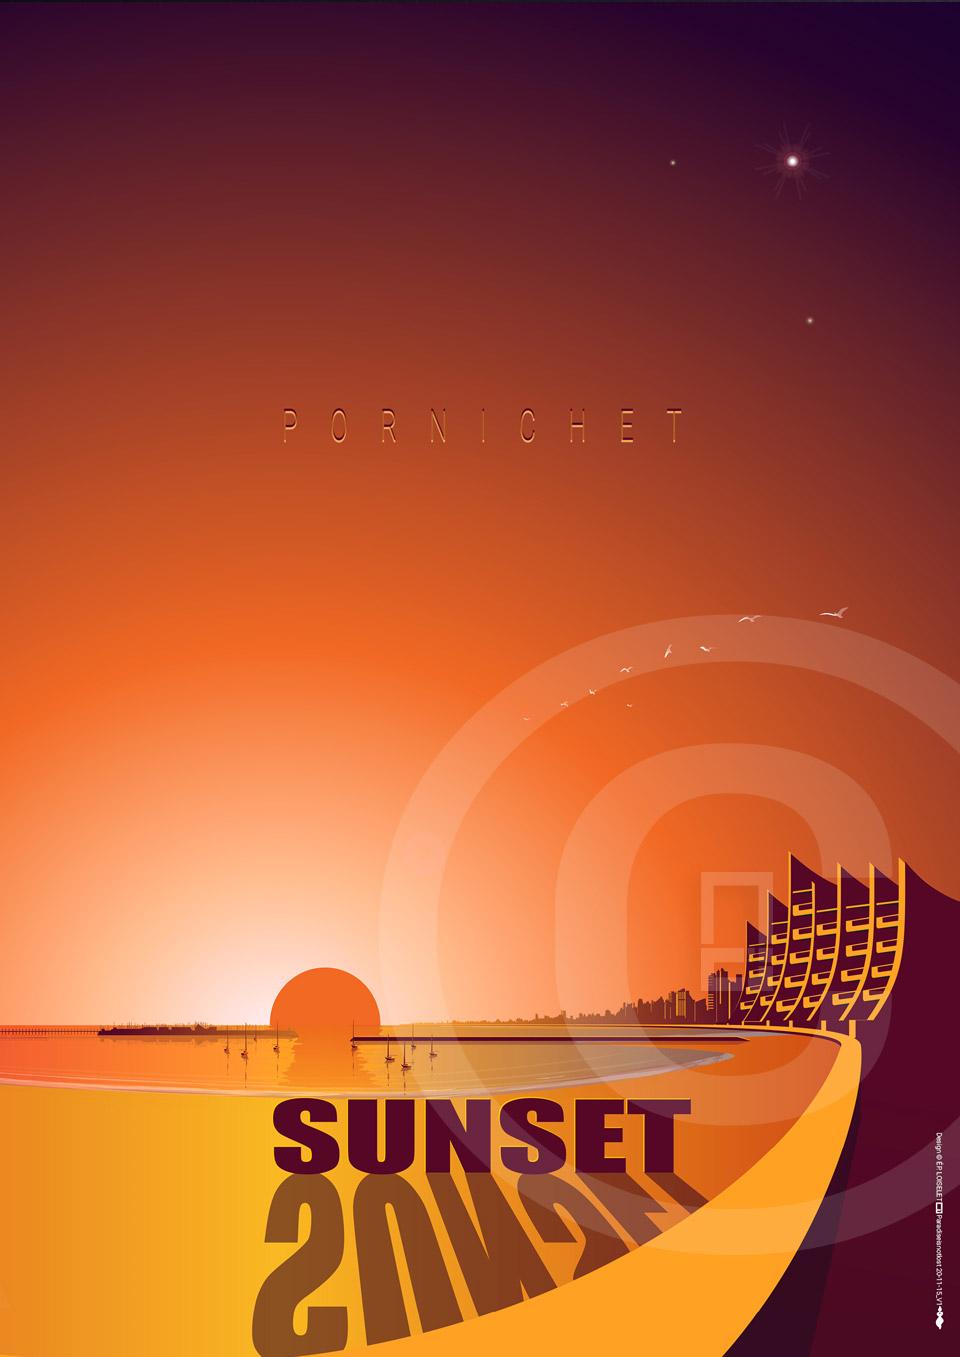 Affiche Pornichet Sunset Collection CÔTE D'AMOUR